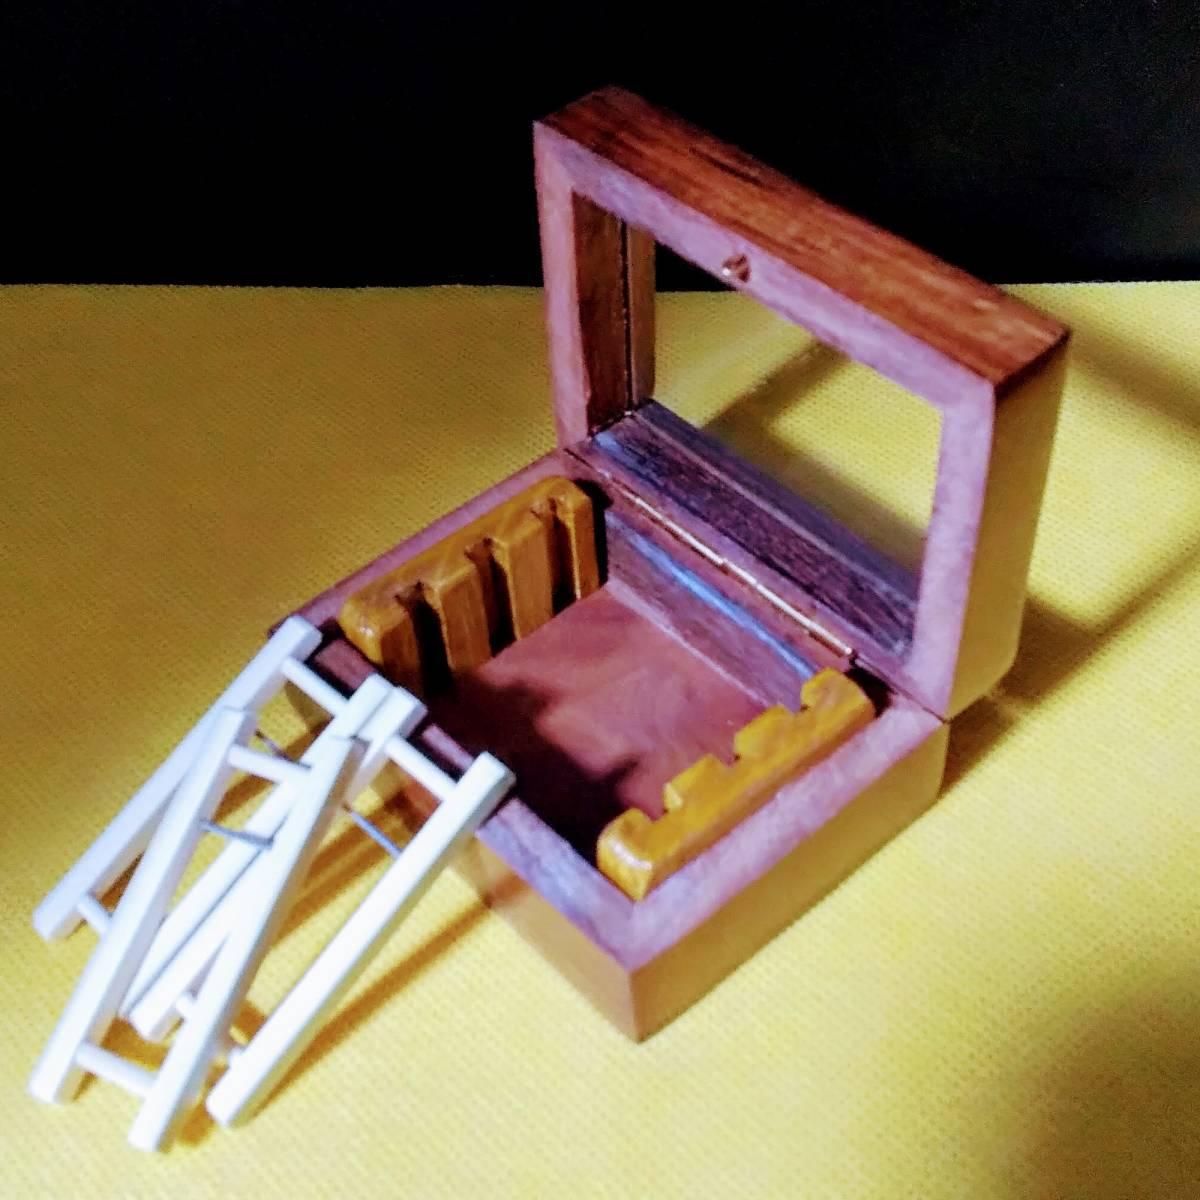 「タナゴ 小鮒 ローズウッド 紫檀 製ガラス窓付き仕掛け箱&仕掛巻き3本入 (竹竿)」の画像